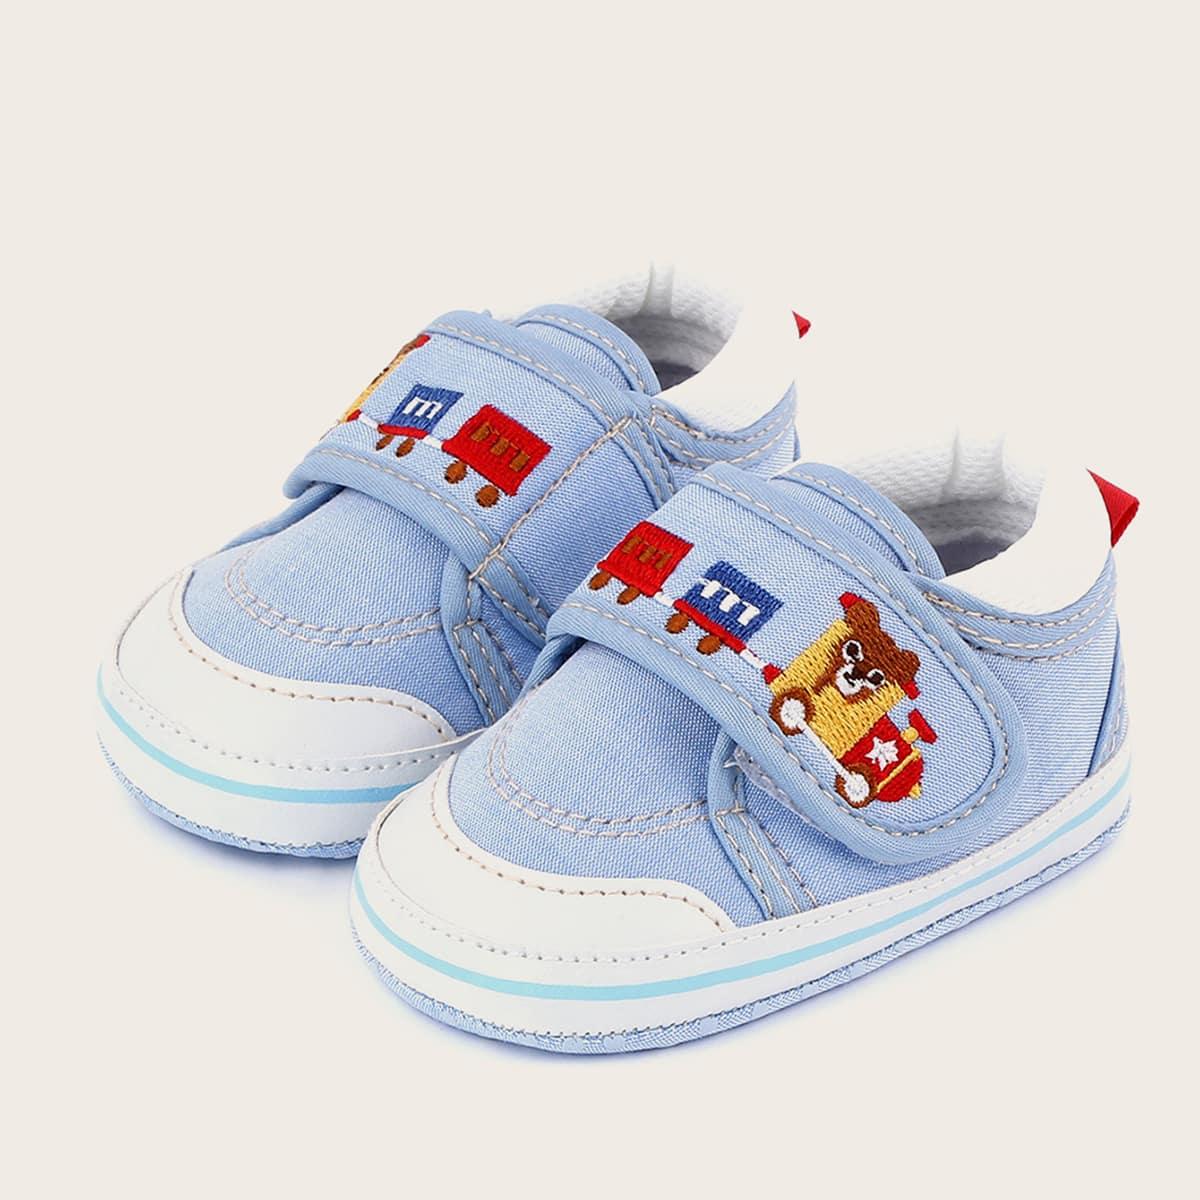 shein Cartoon geborduurde platte schoenen met klittenband voor babyjongen